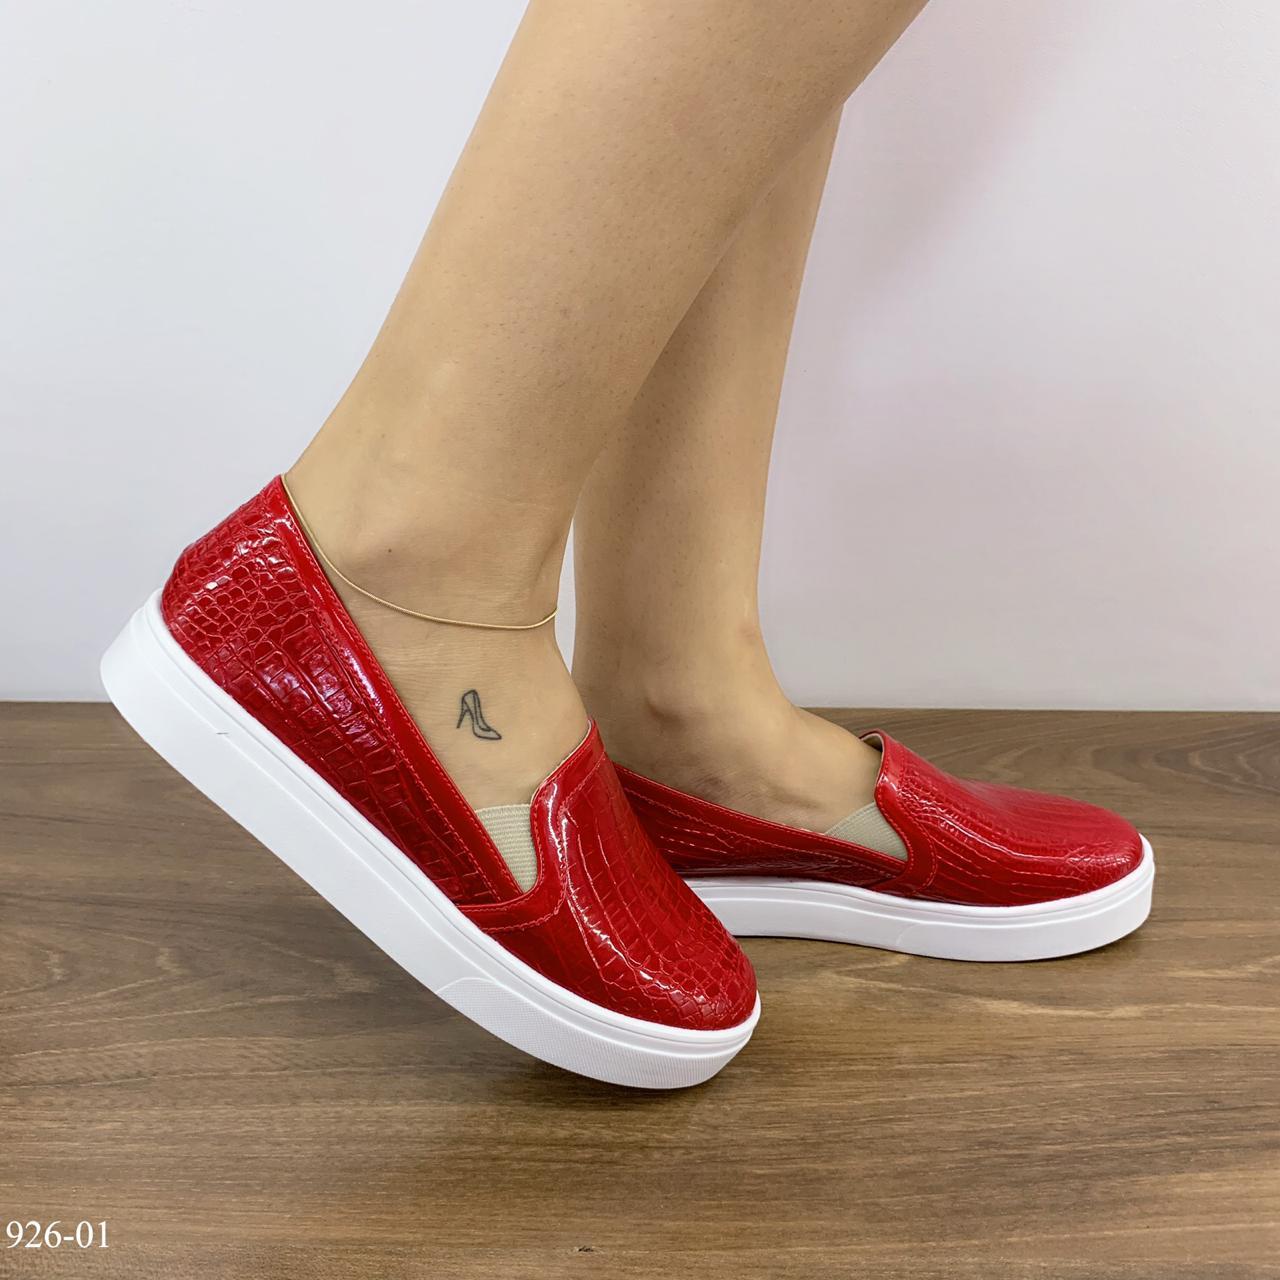 Tênis feminino Vermelho croco  | D- 926-01